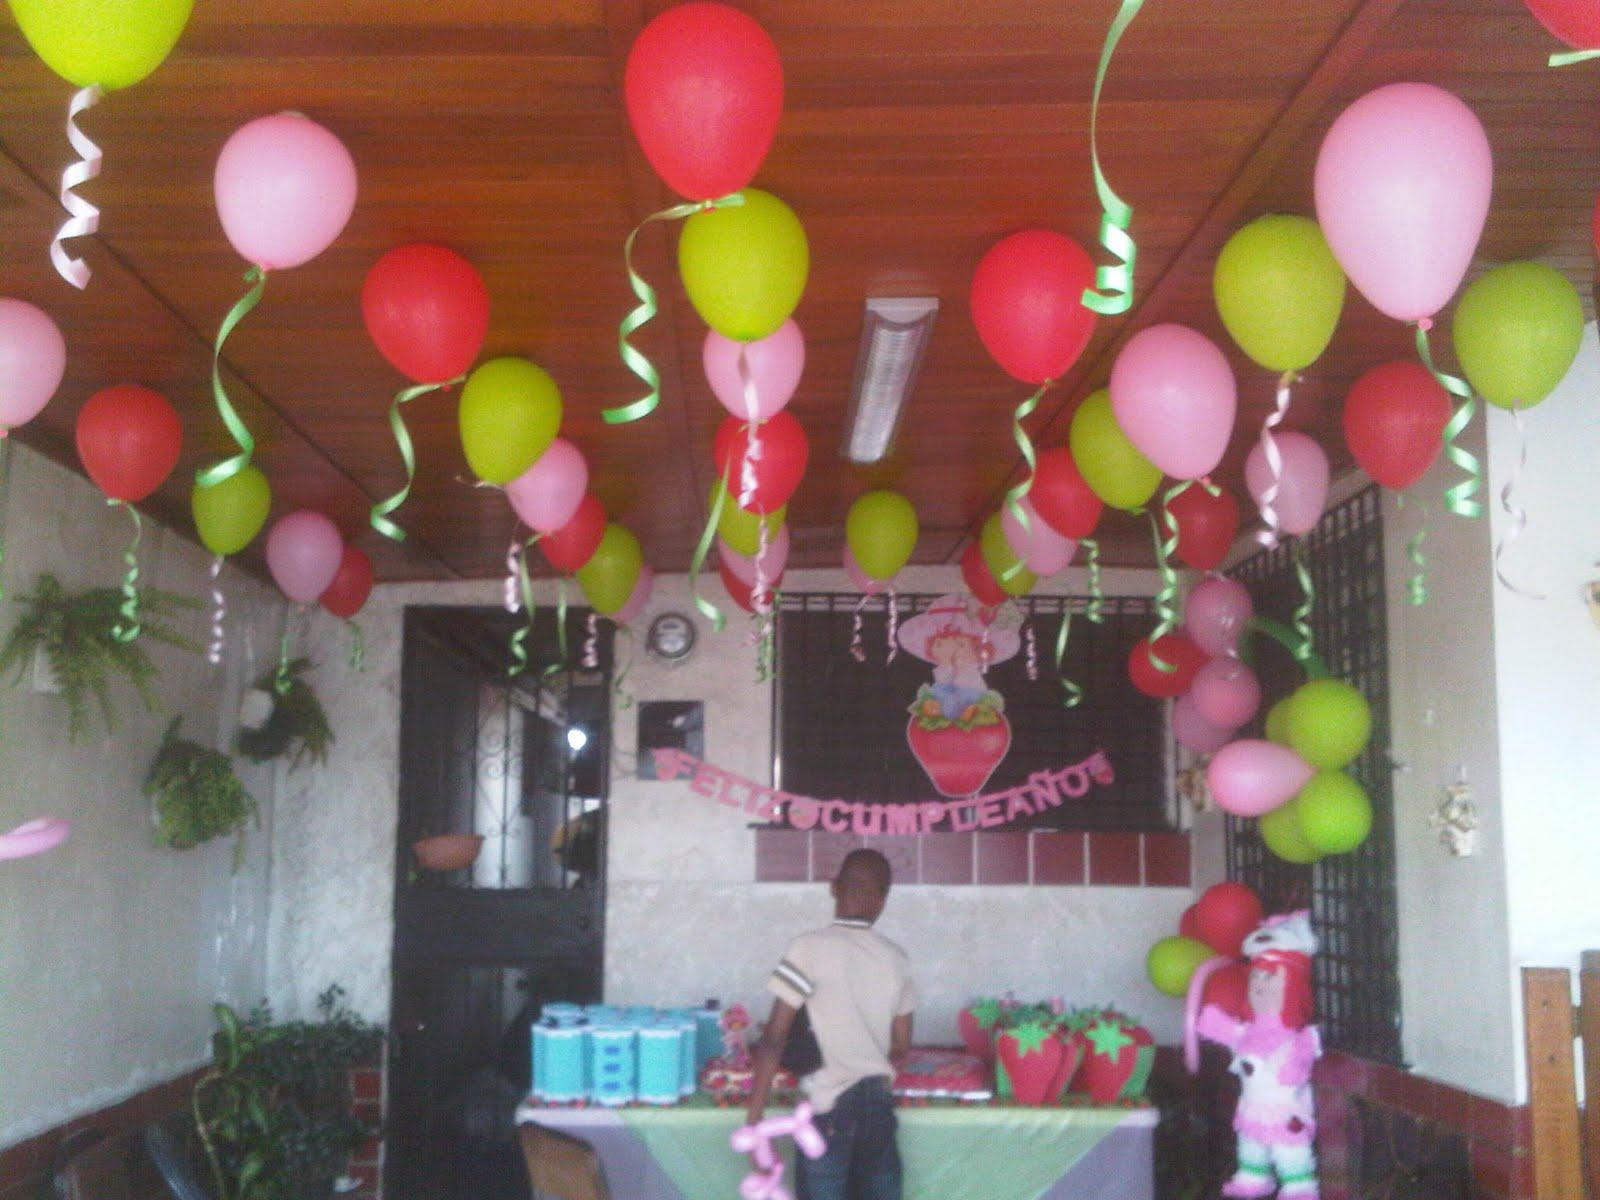 Dios decora decoraciones para fiestas - Decoraciones para fiestas ...